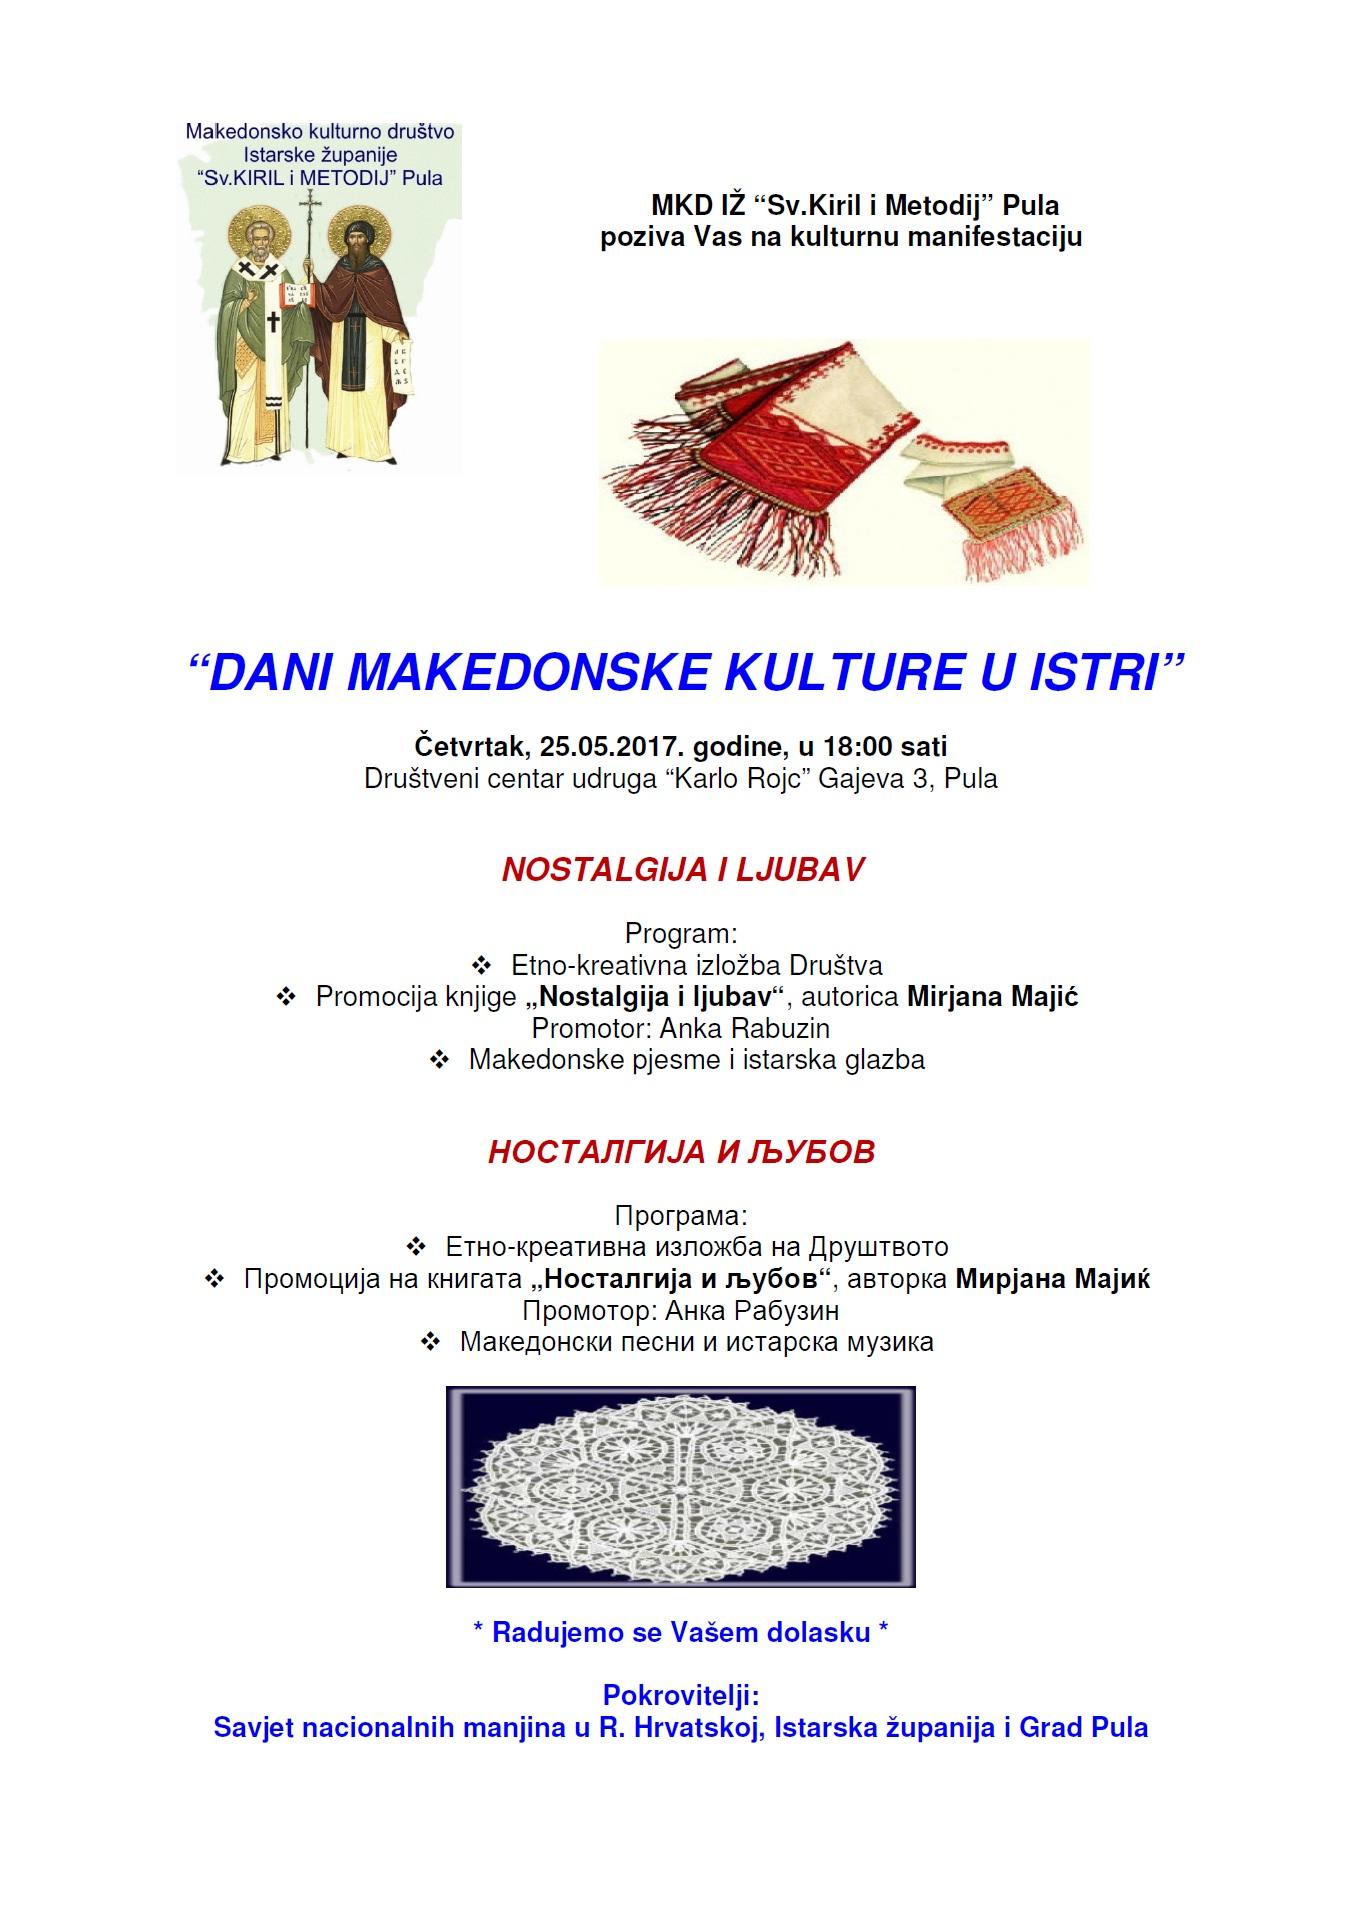 Pozivnica: Dani makedonske kulture u Puli